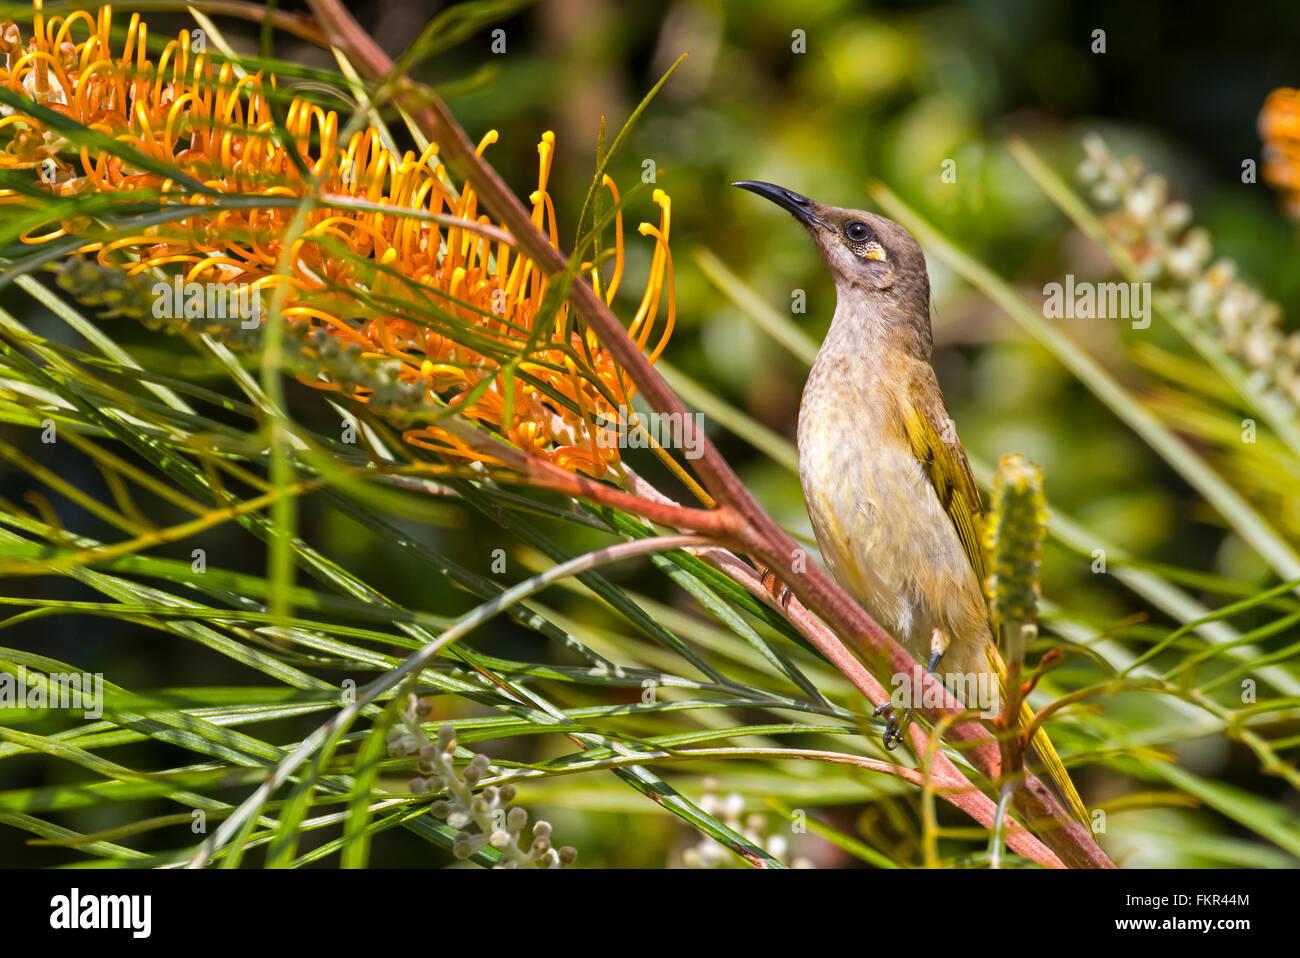 Australian Brown Honeyeater Bird feeding on nectar from Grevillia Flower - Stock Image